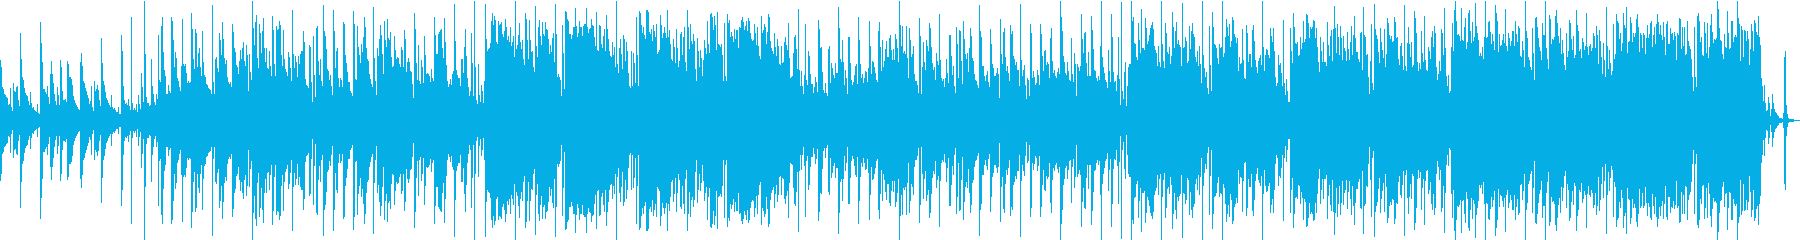 壮大 バンド 振りかぶり ほのぼの...の再生済みの波形